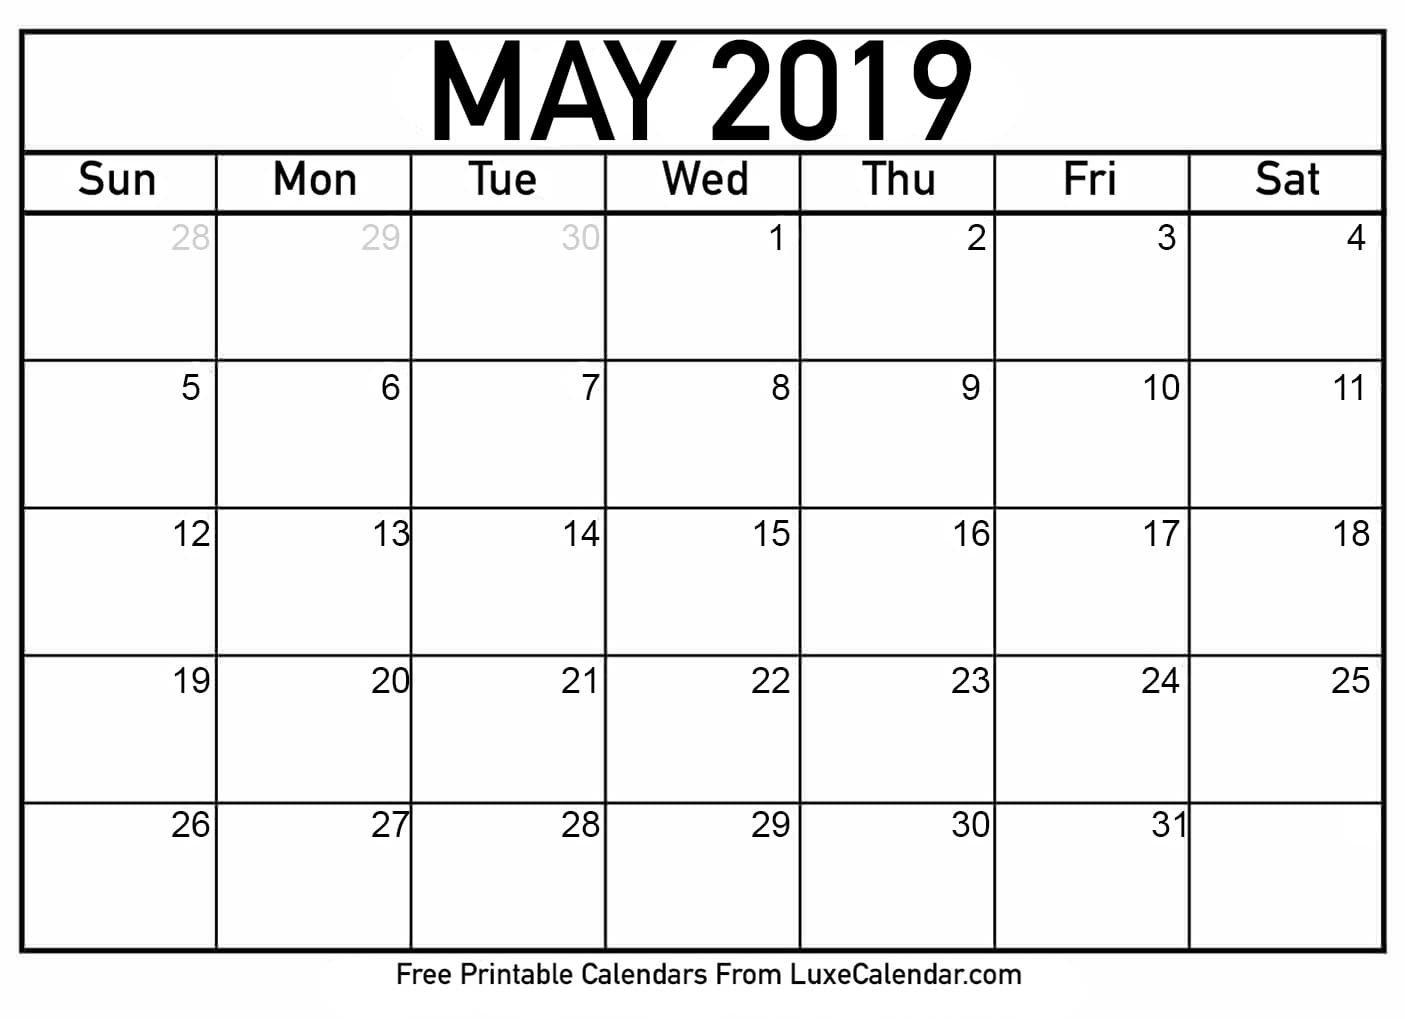 Blank May 2019 Printable Calendar - Luxe Calendar Calendar 2019 May